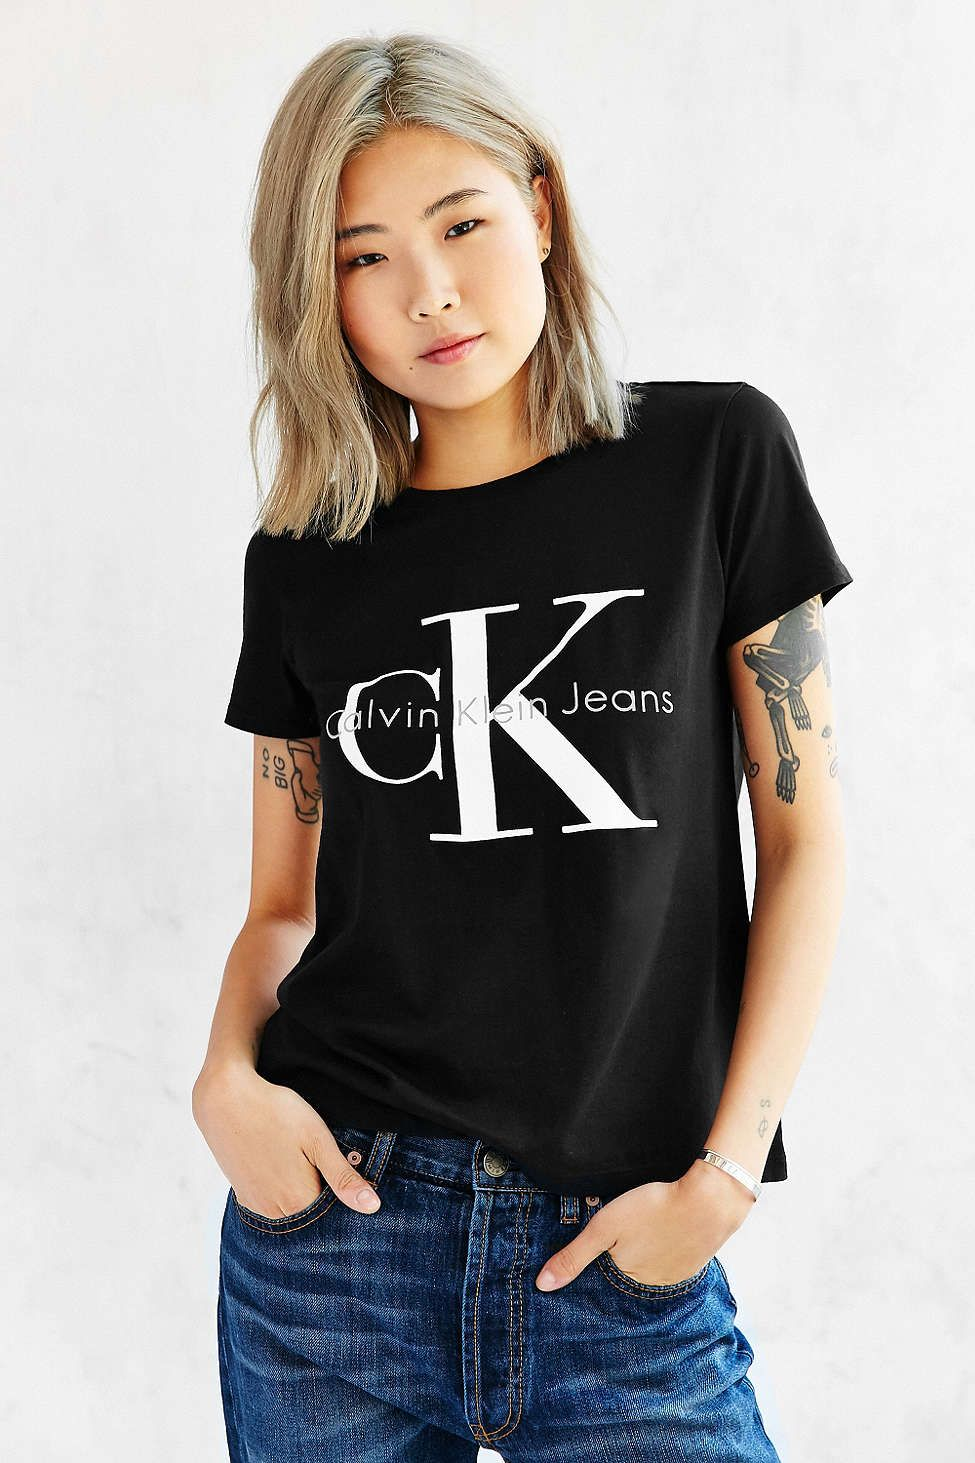 Calvin klein tee shirt womens